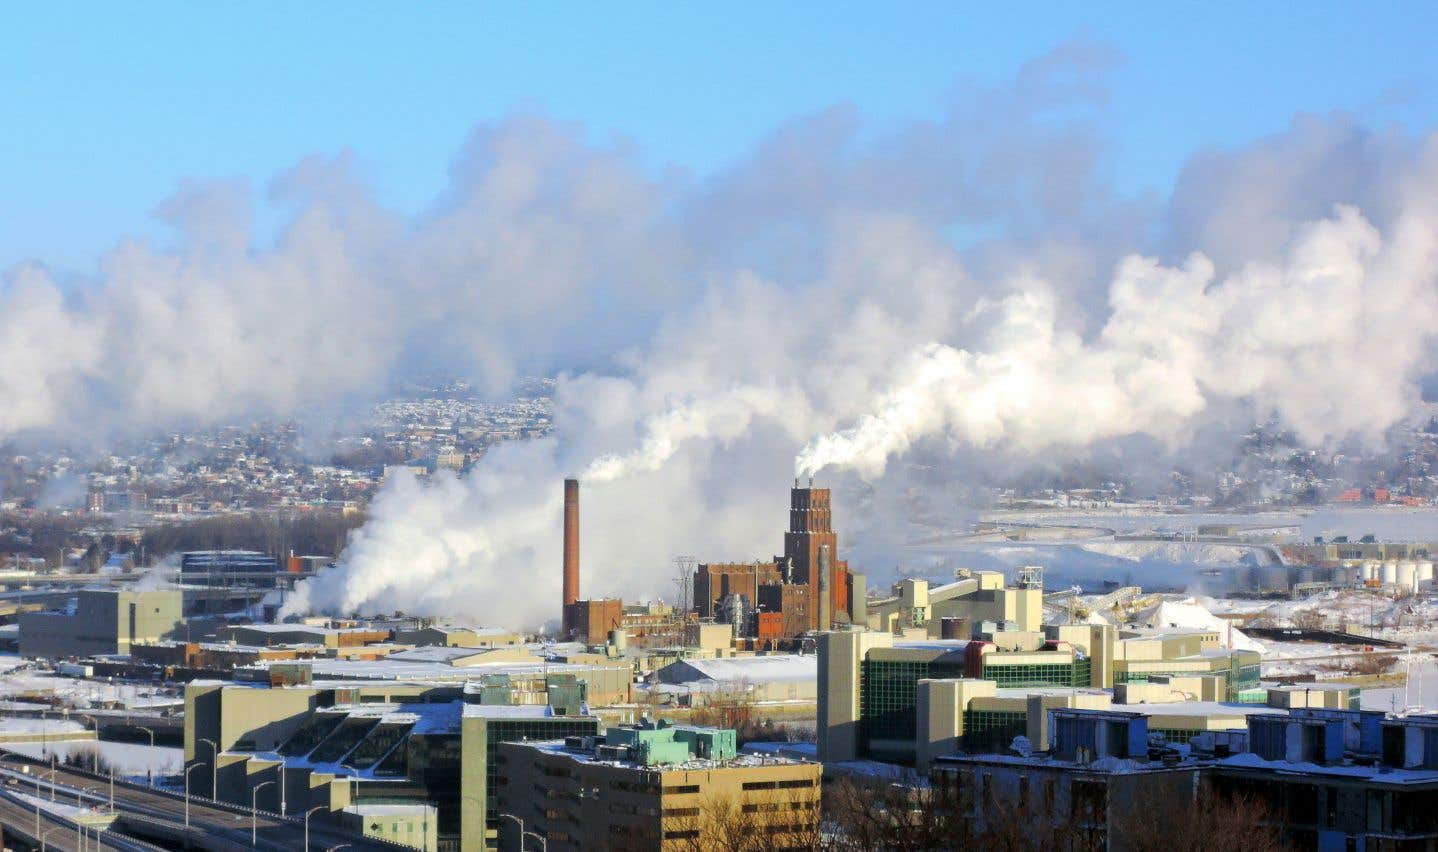 Le marché du carbone canadien est à peaufiner, dit l'OCDE